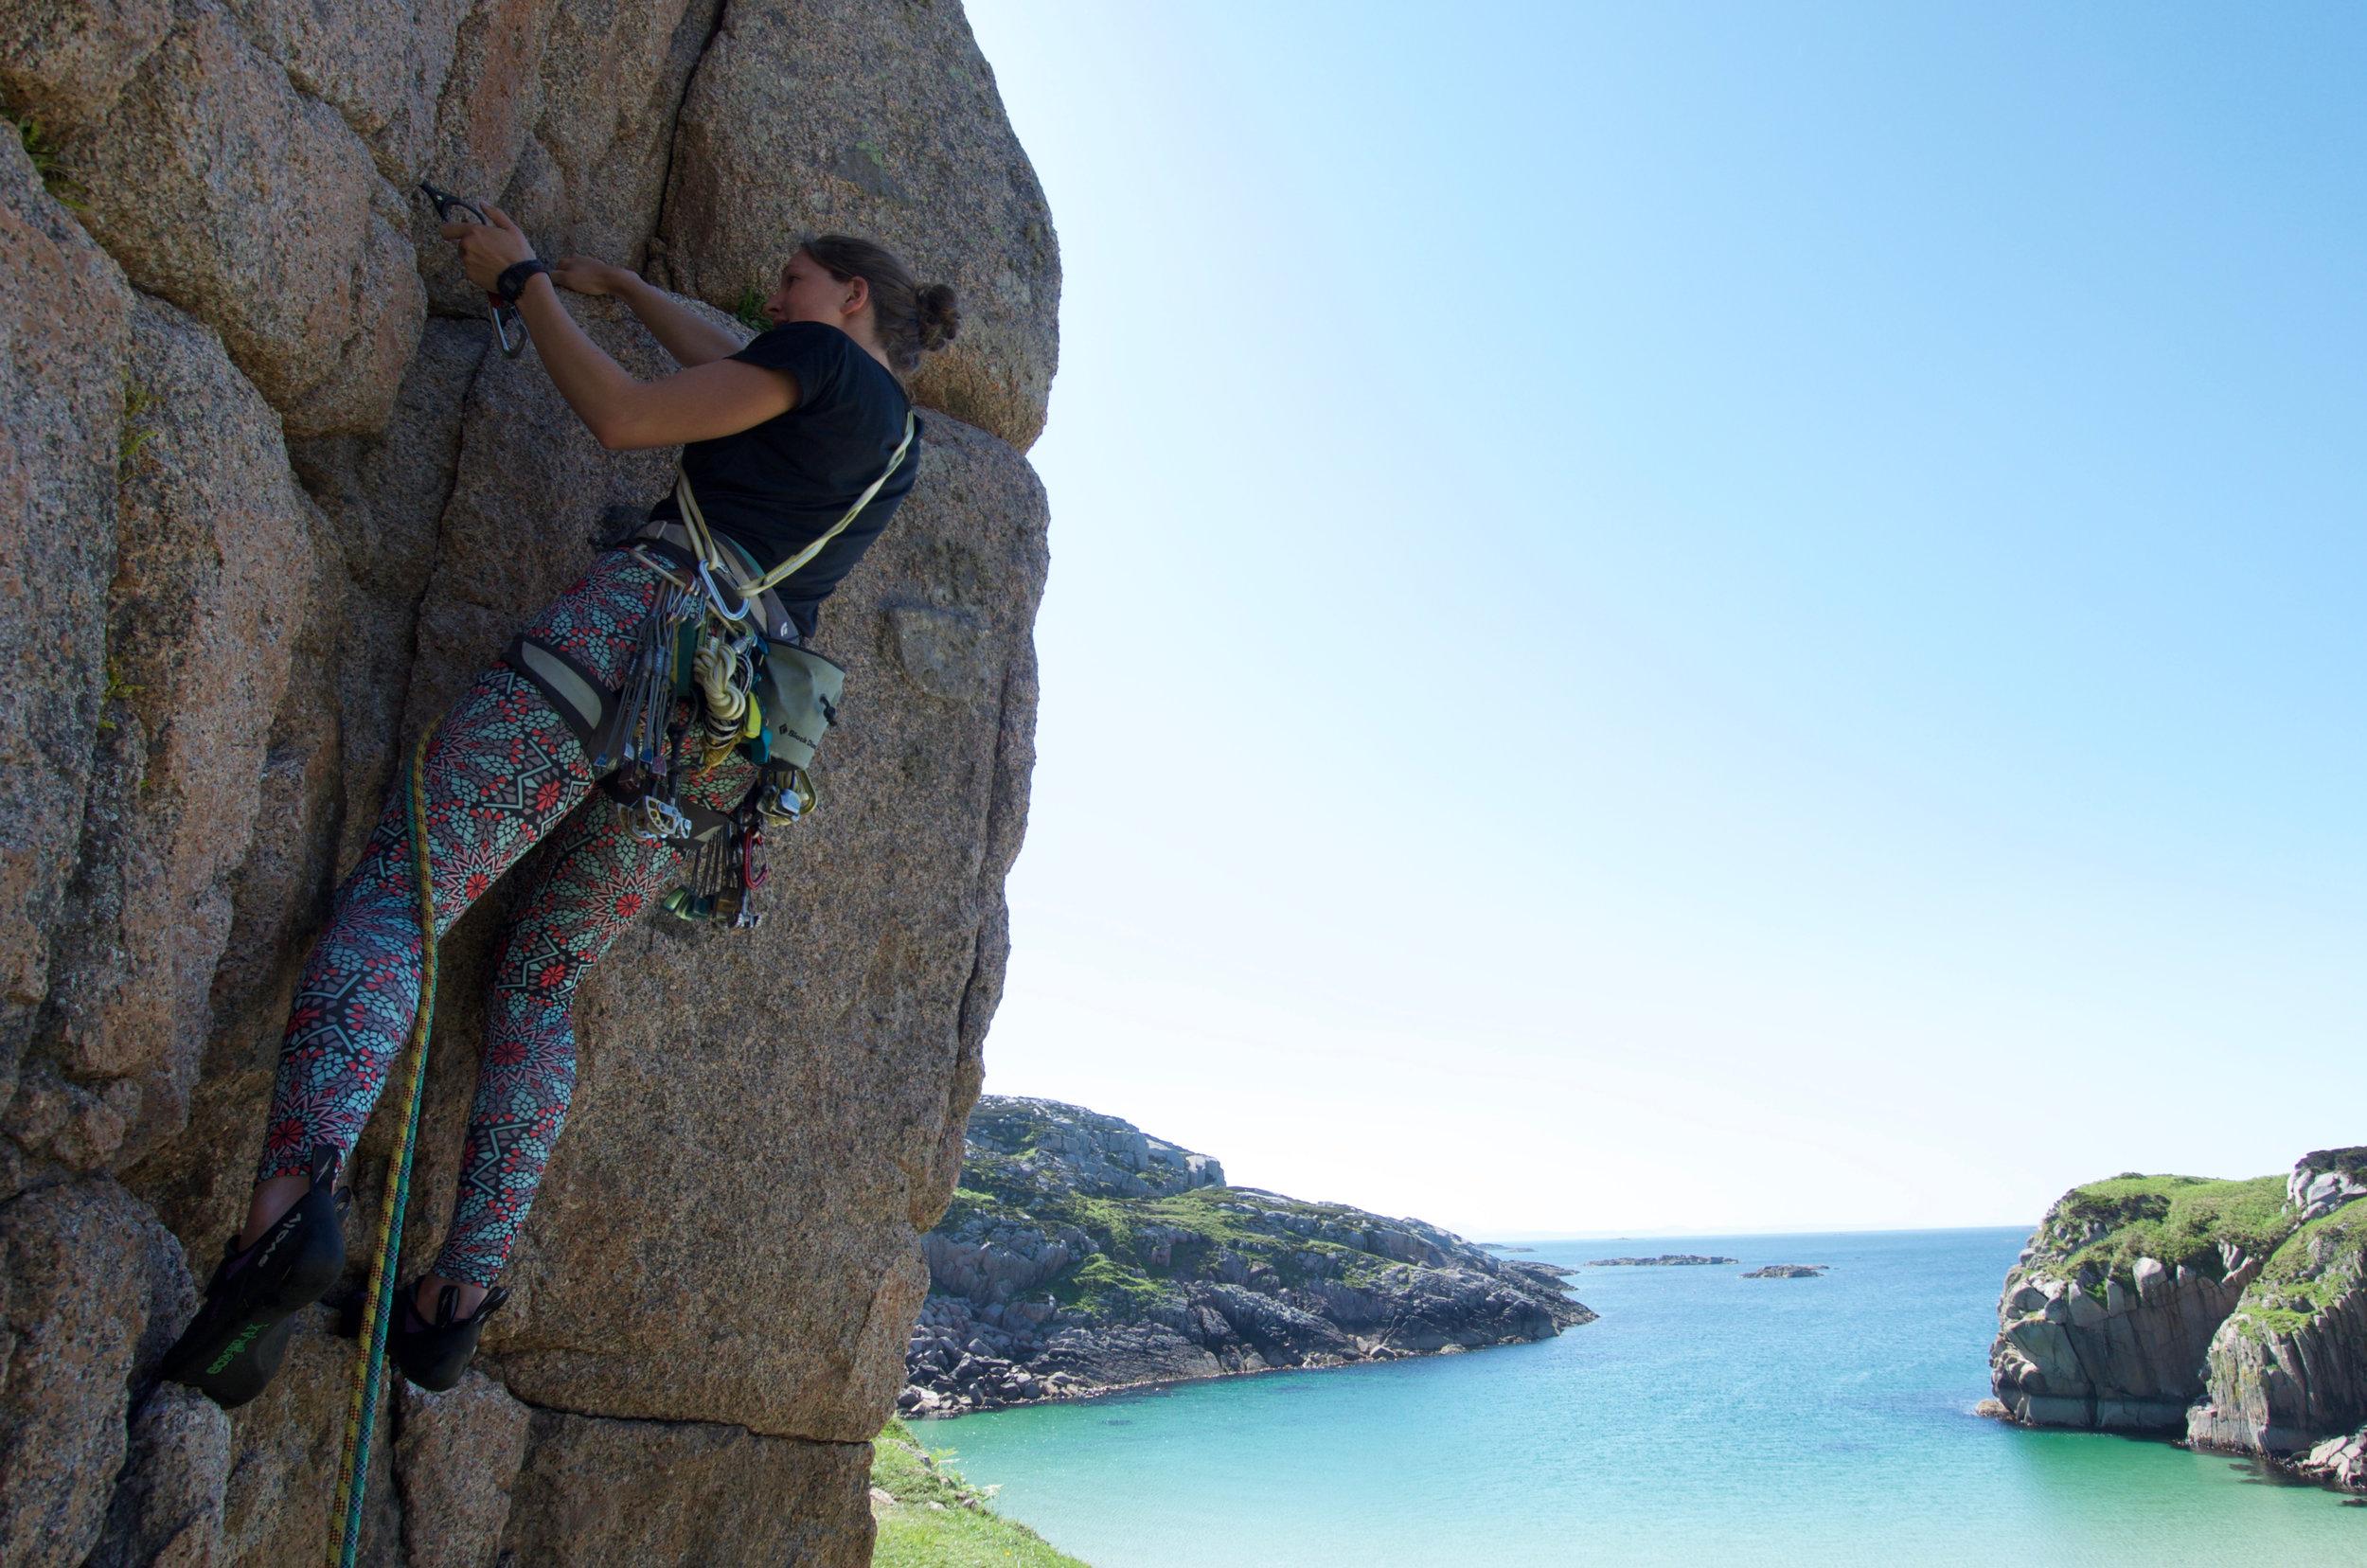 Mairi rocking the 80s climbing leggings!